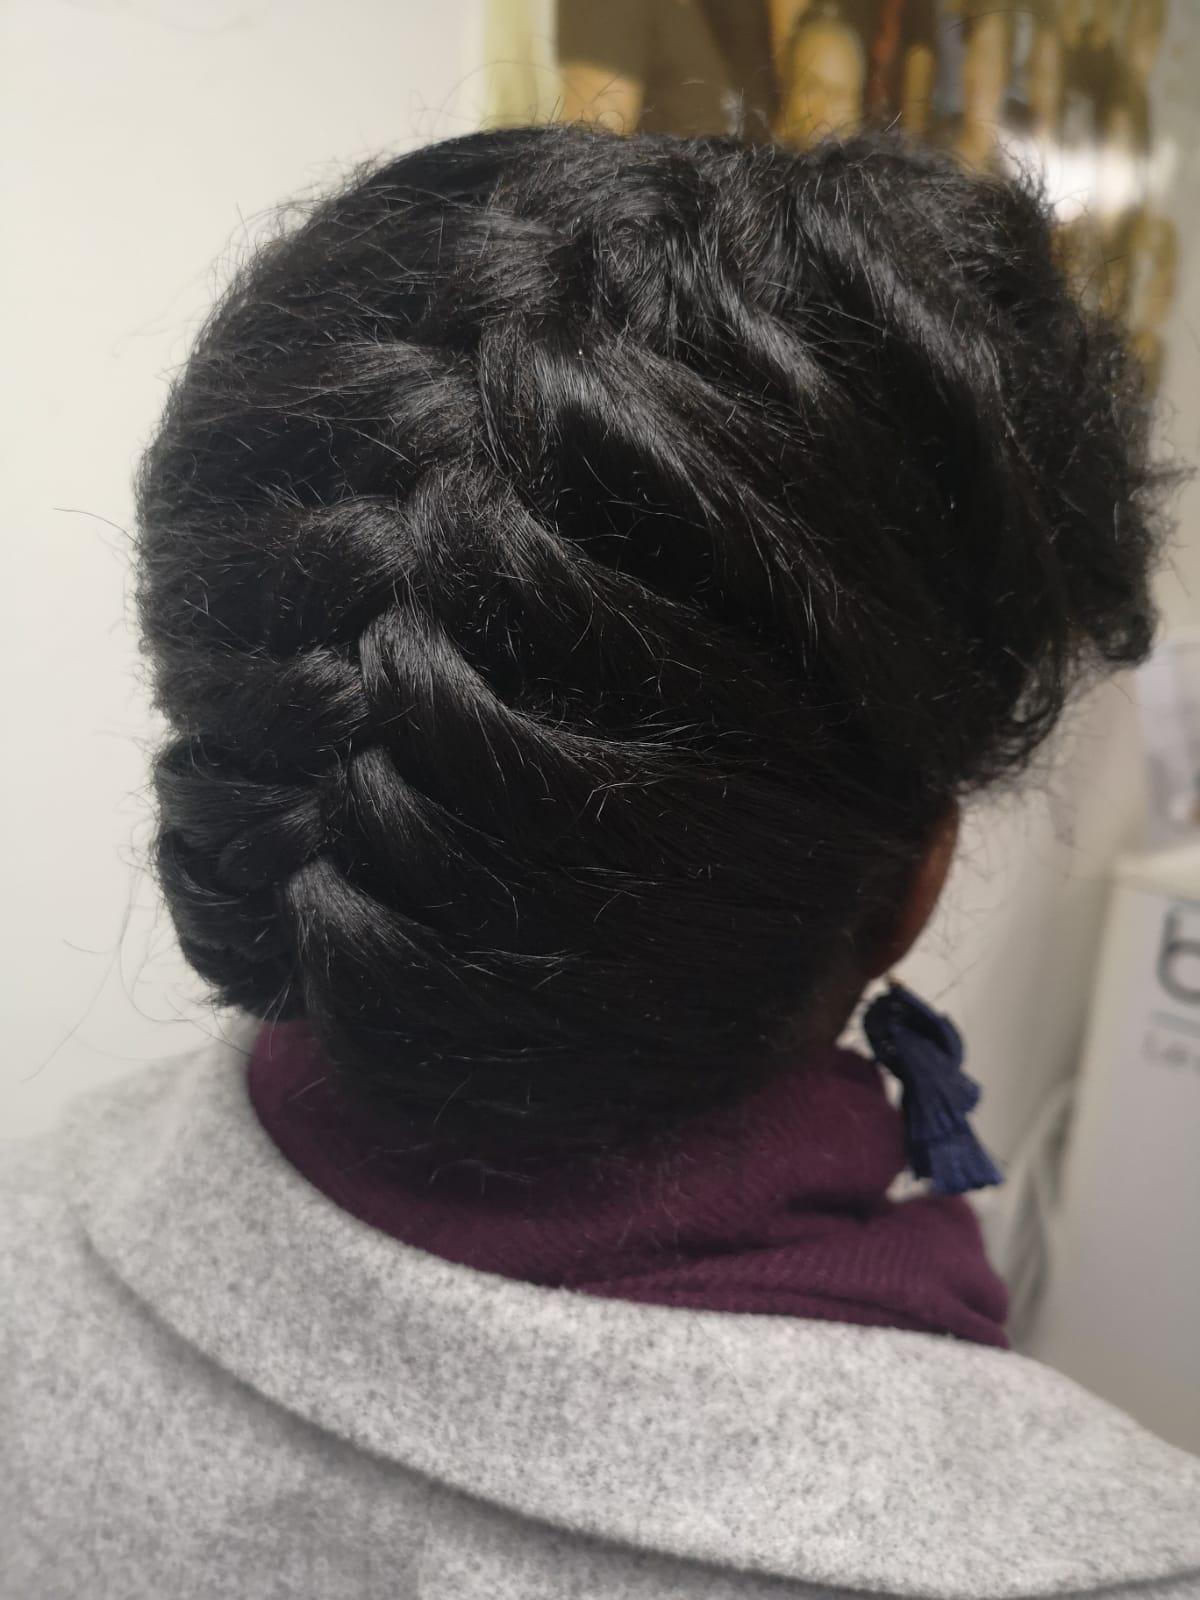 salon de coiffure afro tresse tresses box braids crochet braids vanilles tissages paris 75 77 78 91 92 93 94 95 WMYOPKCR